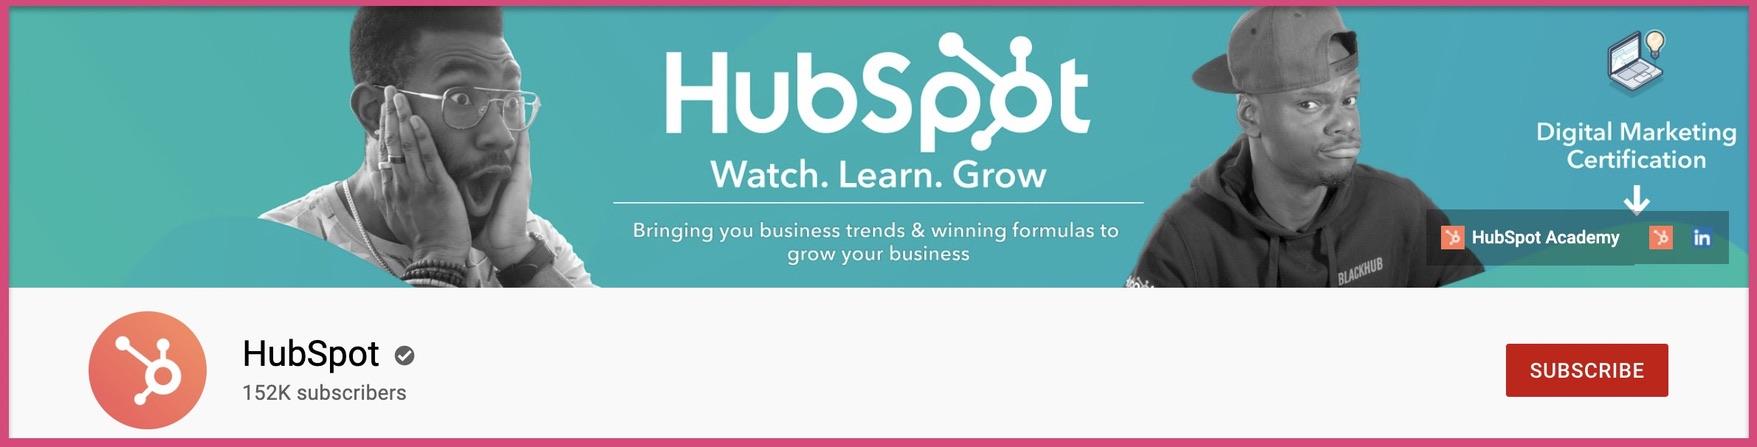 Hubspot's 2560 x 1440 YouTube banner